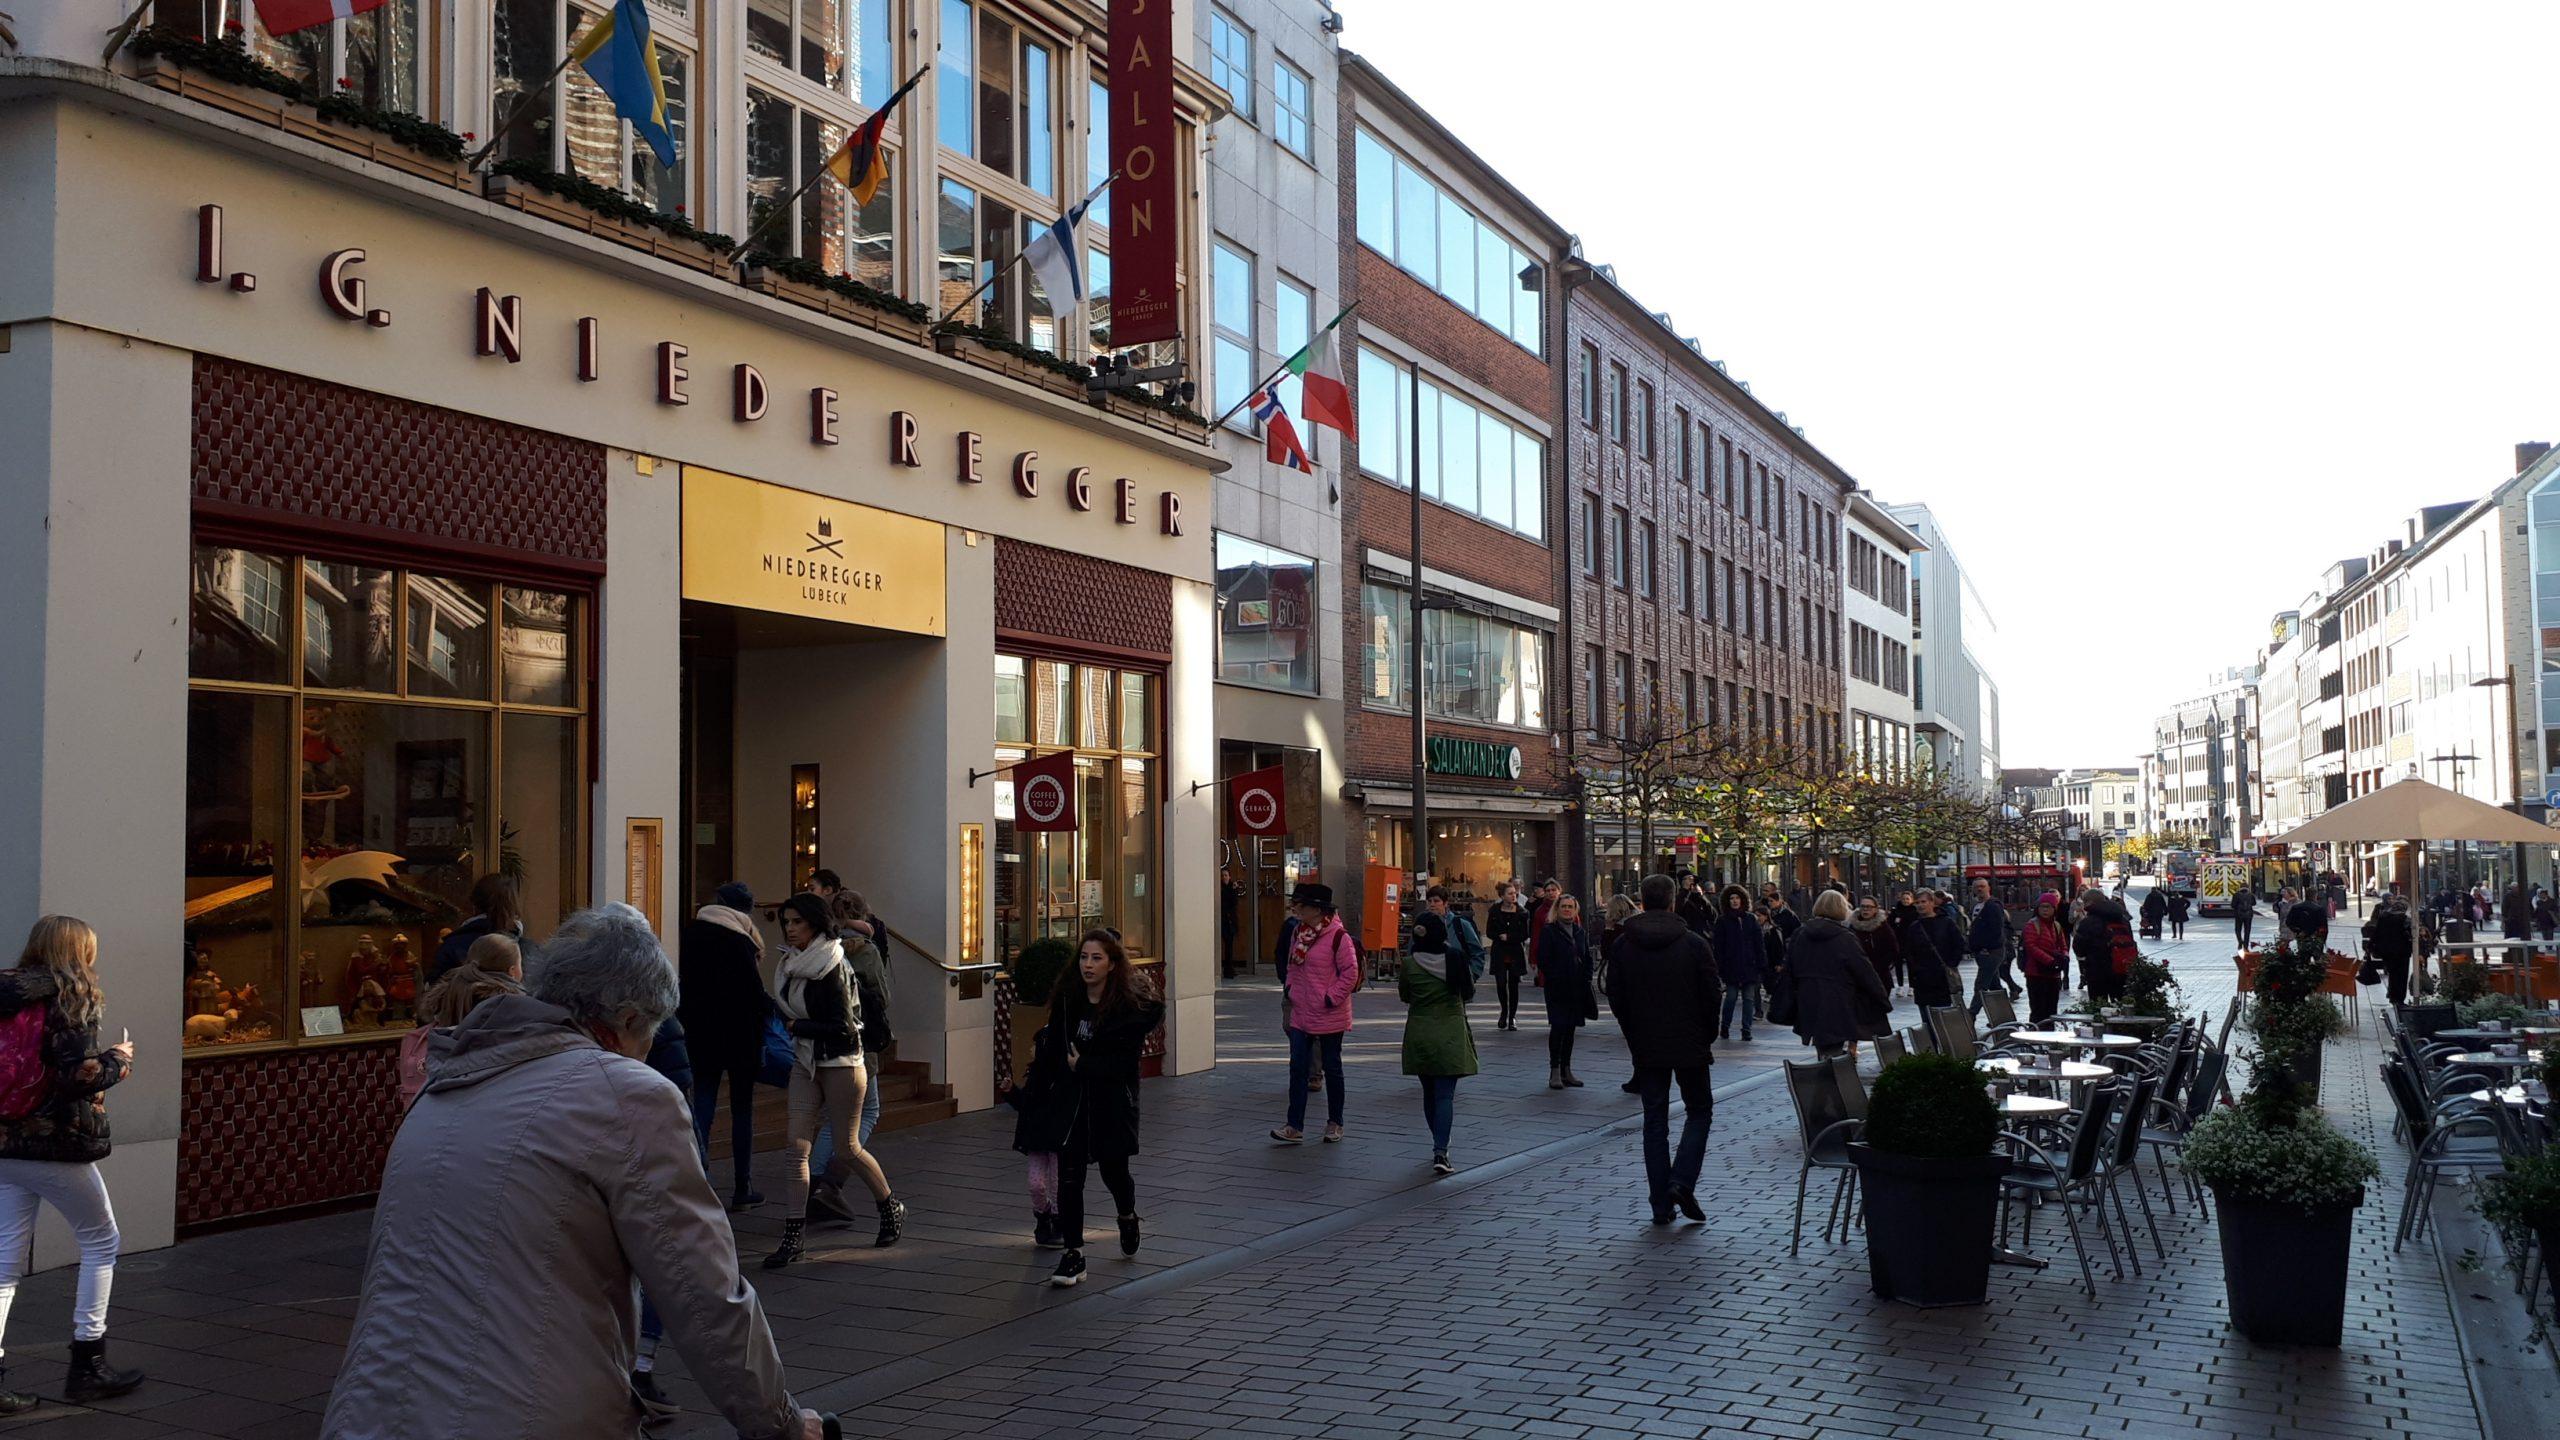 Det er hovedsageligt tyske byer med kultur og shopping, der trækker i danskerne, oplyser Tysk Turist Information i Danmark. Her er det fra centrum af nordtyske Lübeck med til venstre det berømte marcipanfirma Niederegger, en af byens store turistattraktioner. Foto: Henrik Baumgarten.